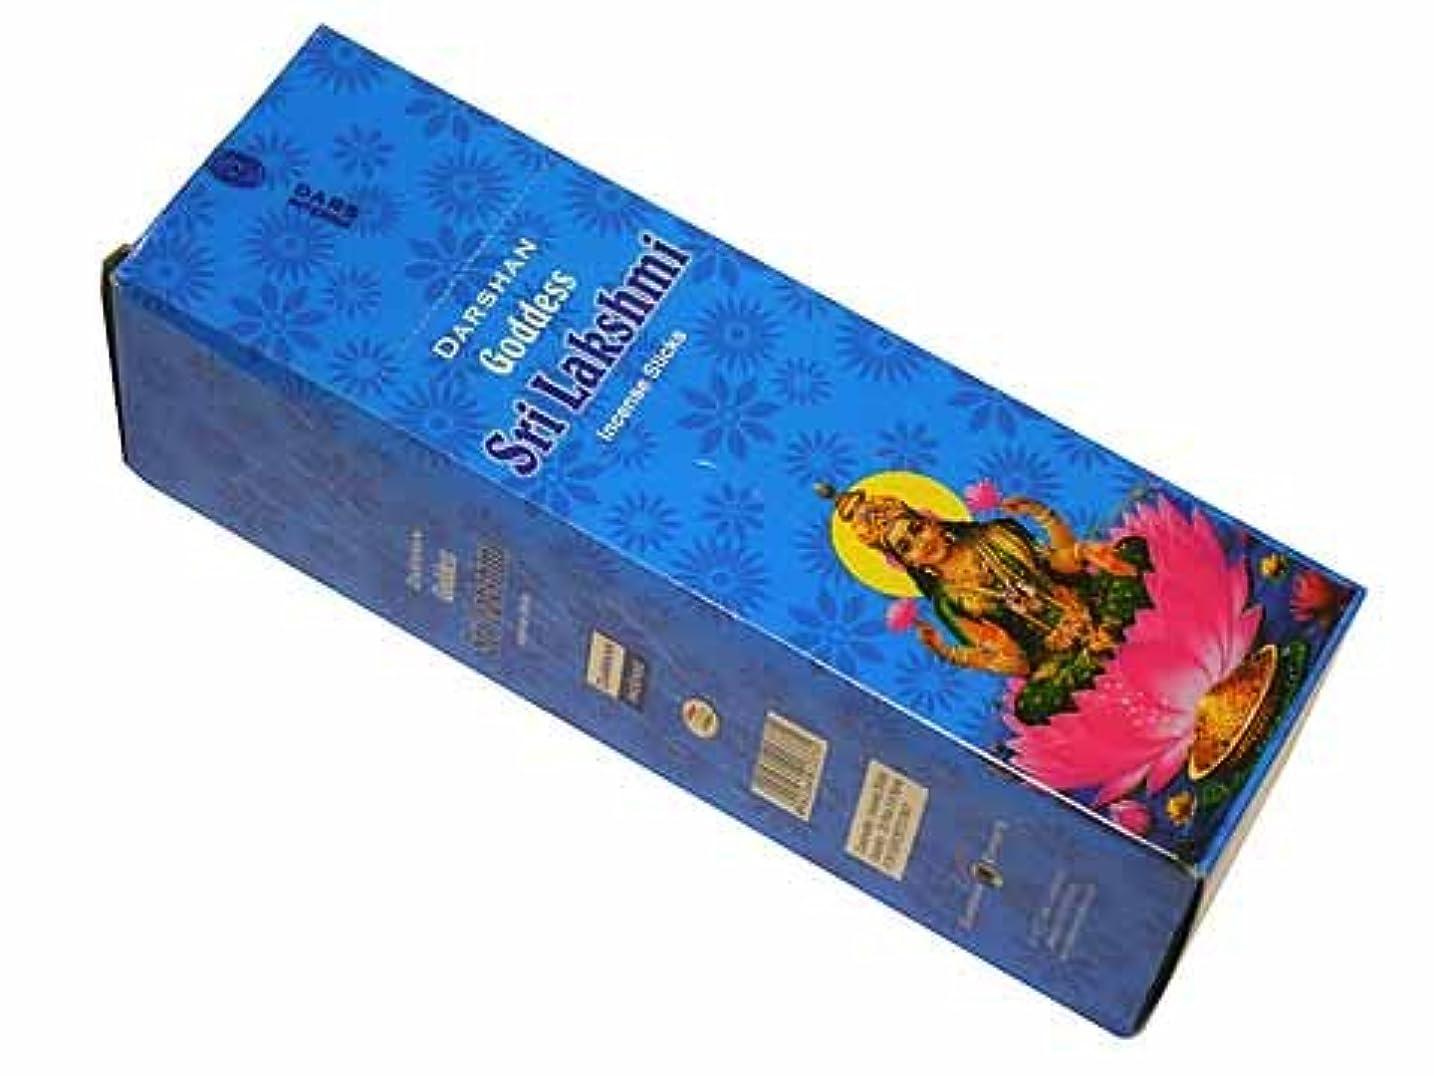 のため算術矢印DARSHAN(ダルシャン) ラクシュミ香 スクエアパック スティック LAKSHMI 25箱セット